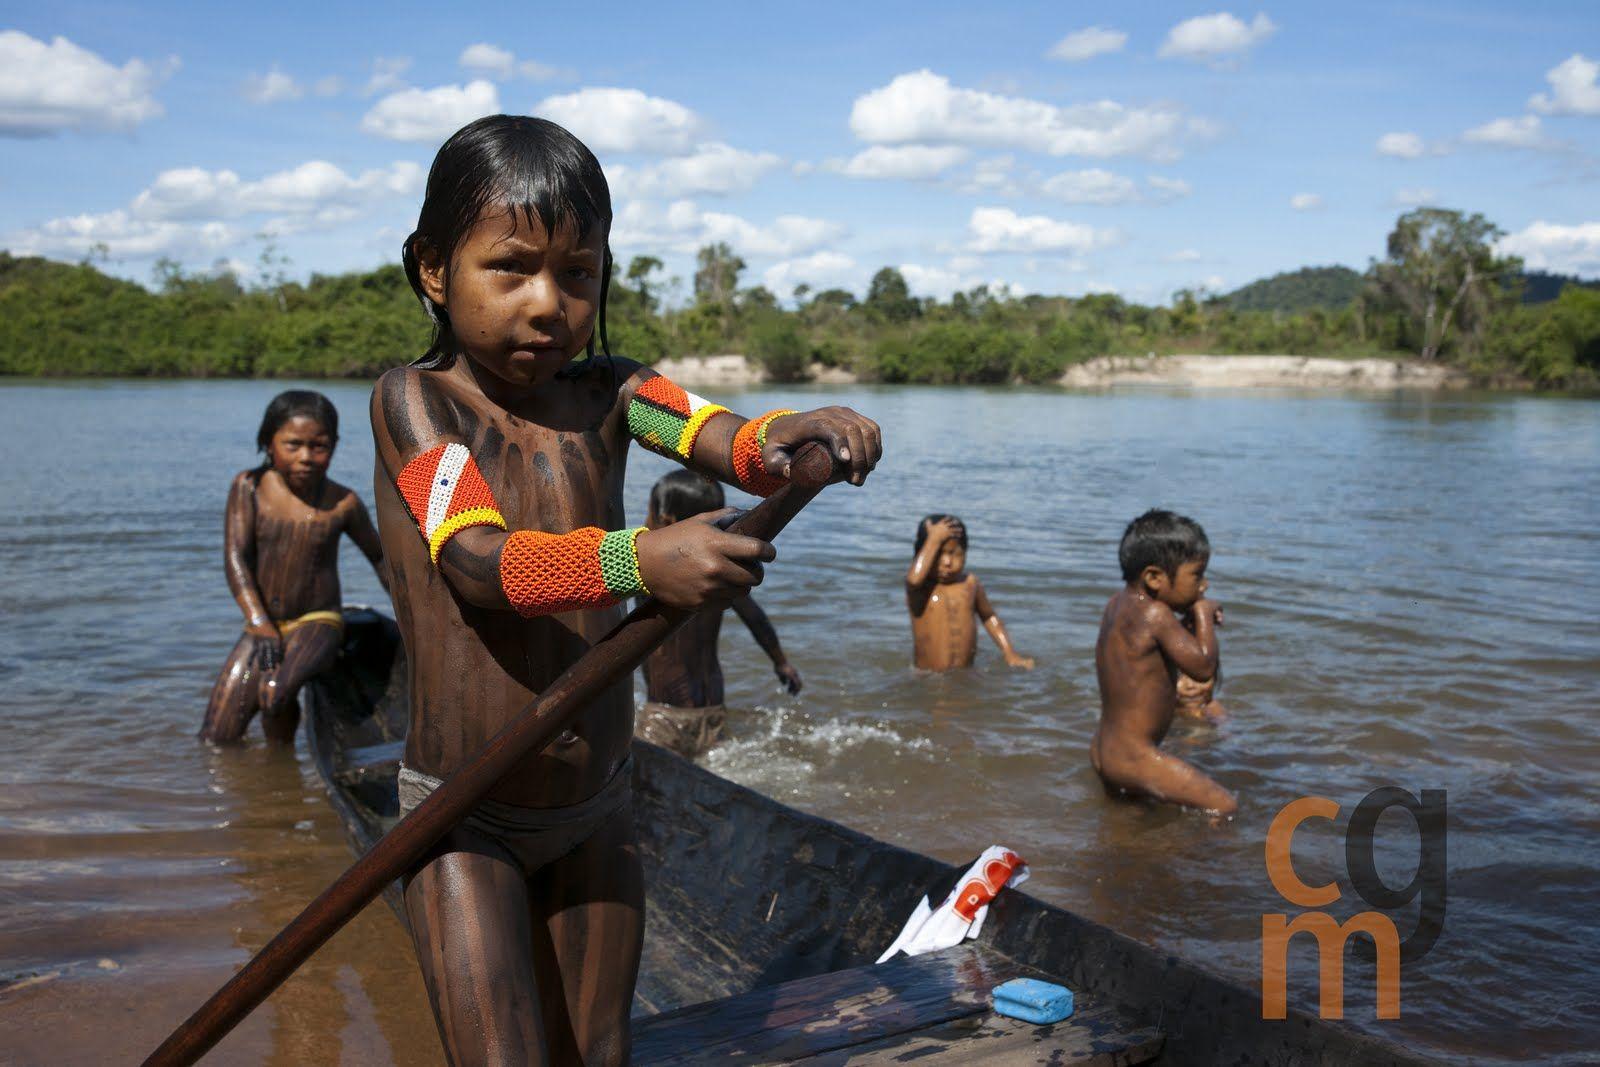 Фото голый семейный нудизм, Фото нудистов на пляже, семейный нудизм и фото 22 фотография